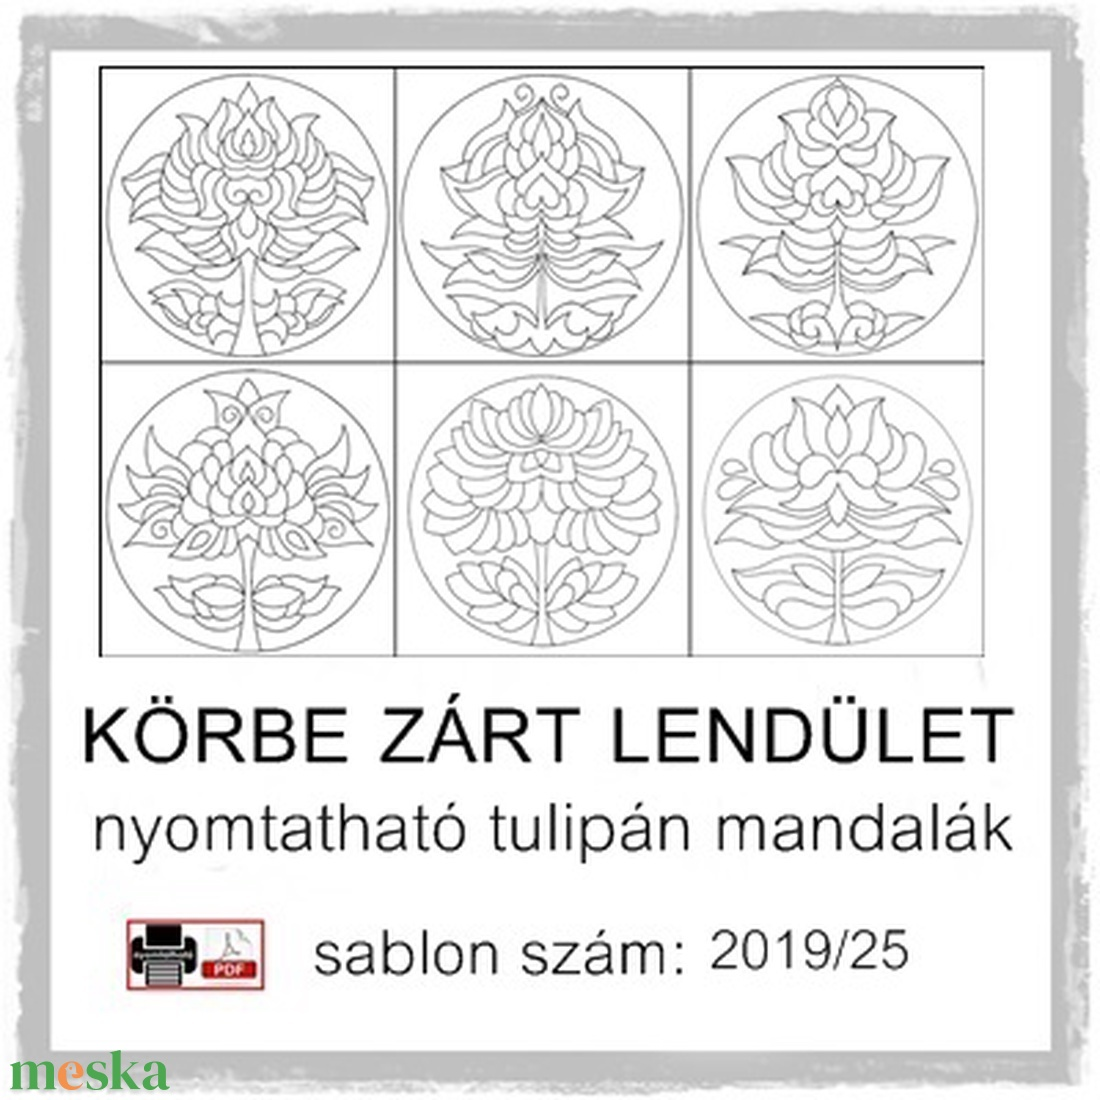 Körbe zárt lendület 2019/25 (kedo) - Meska.hu